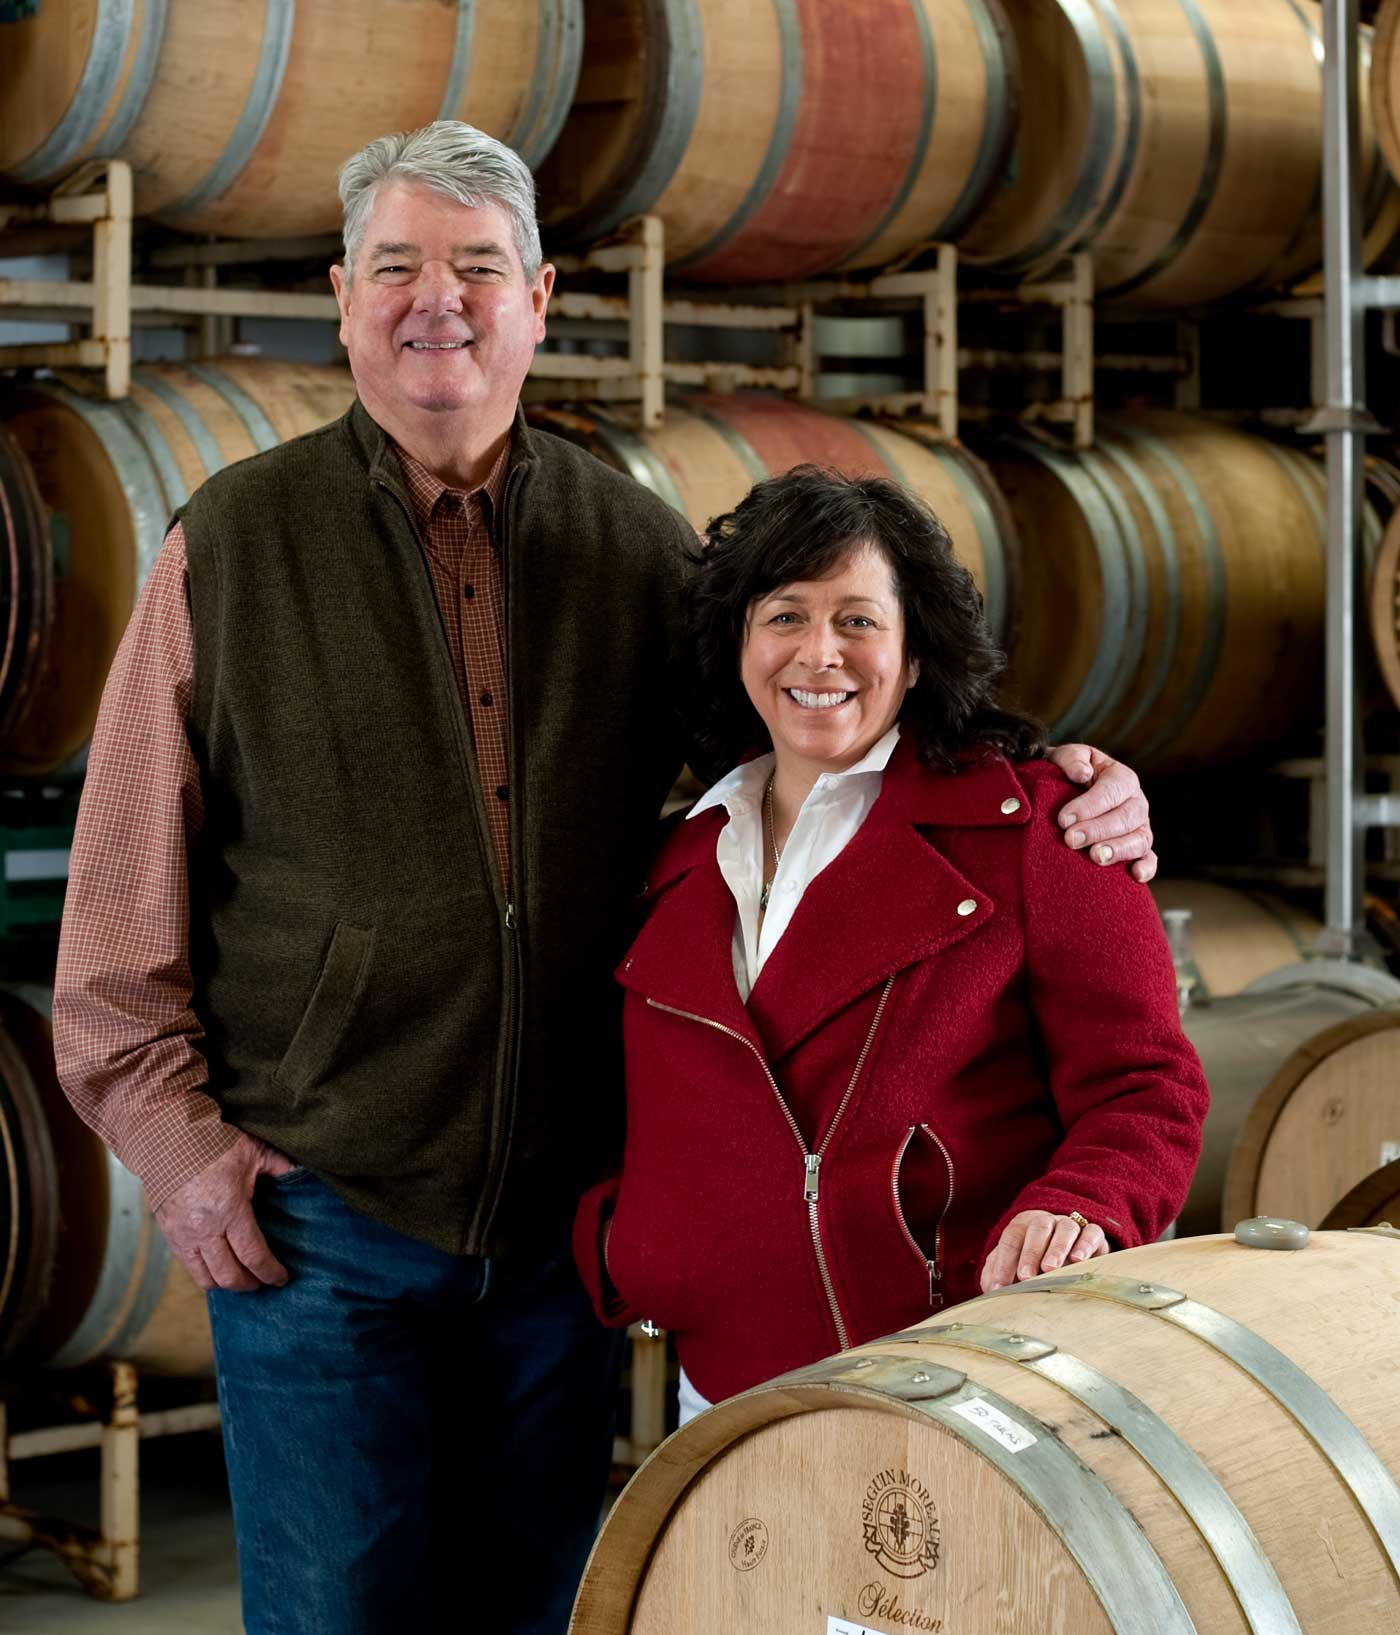 Brad and Lisa Warner